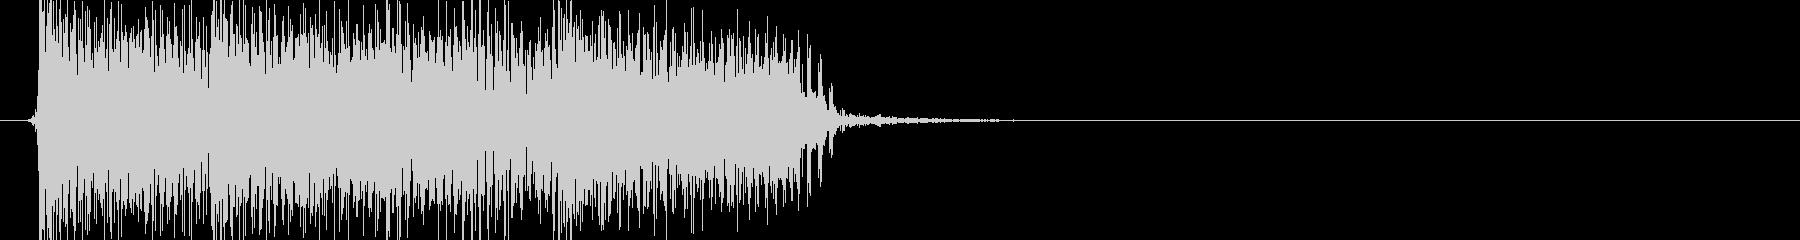 顛末の音の未再生の波形